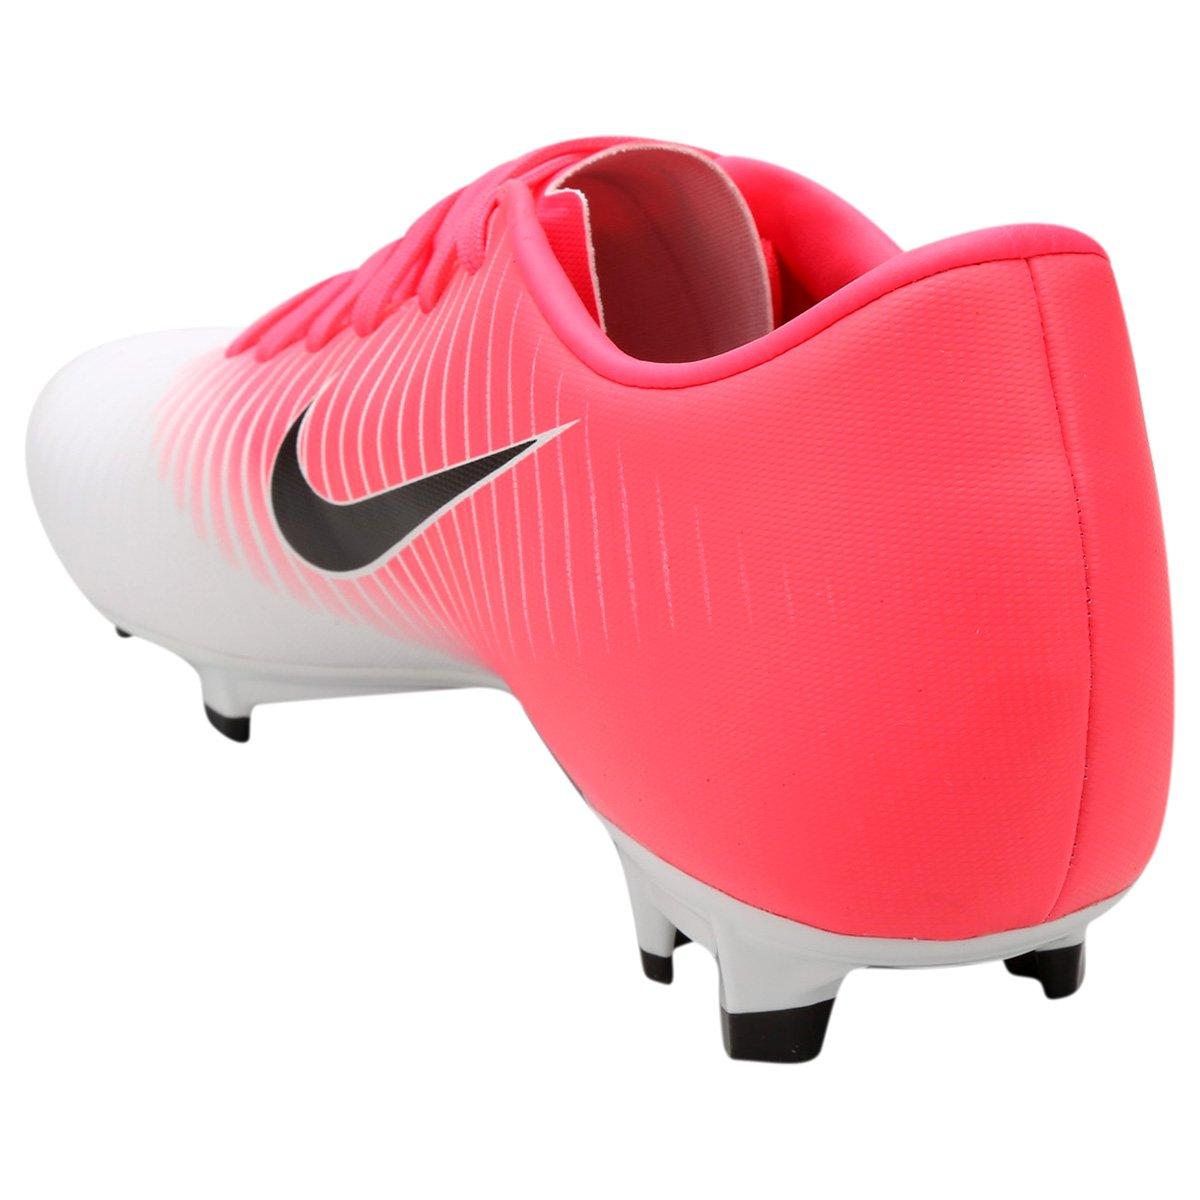 Chuteira Campo Nike Mercurial Victory 6 FG - Compre Agora  1735ab6580db7